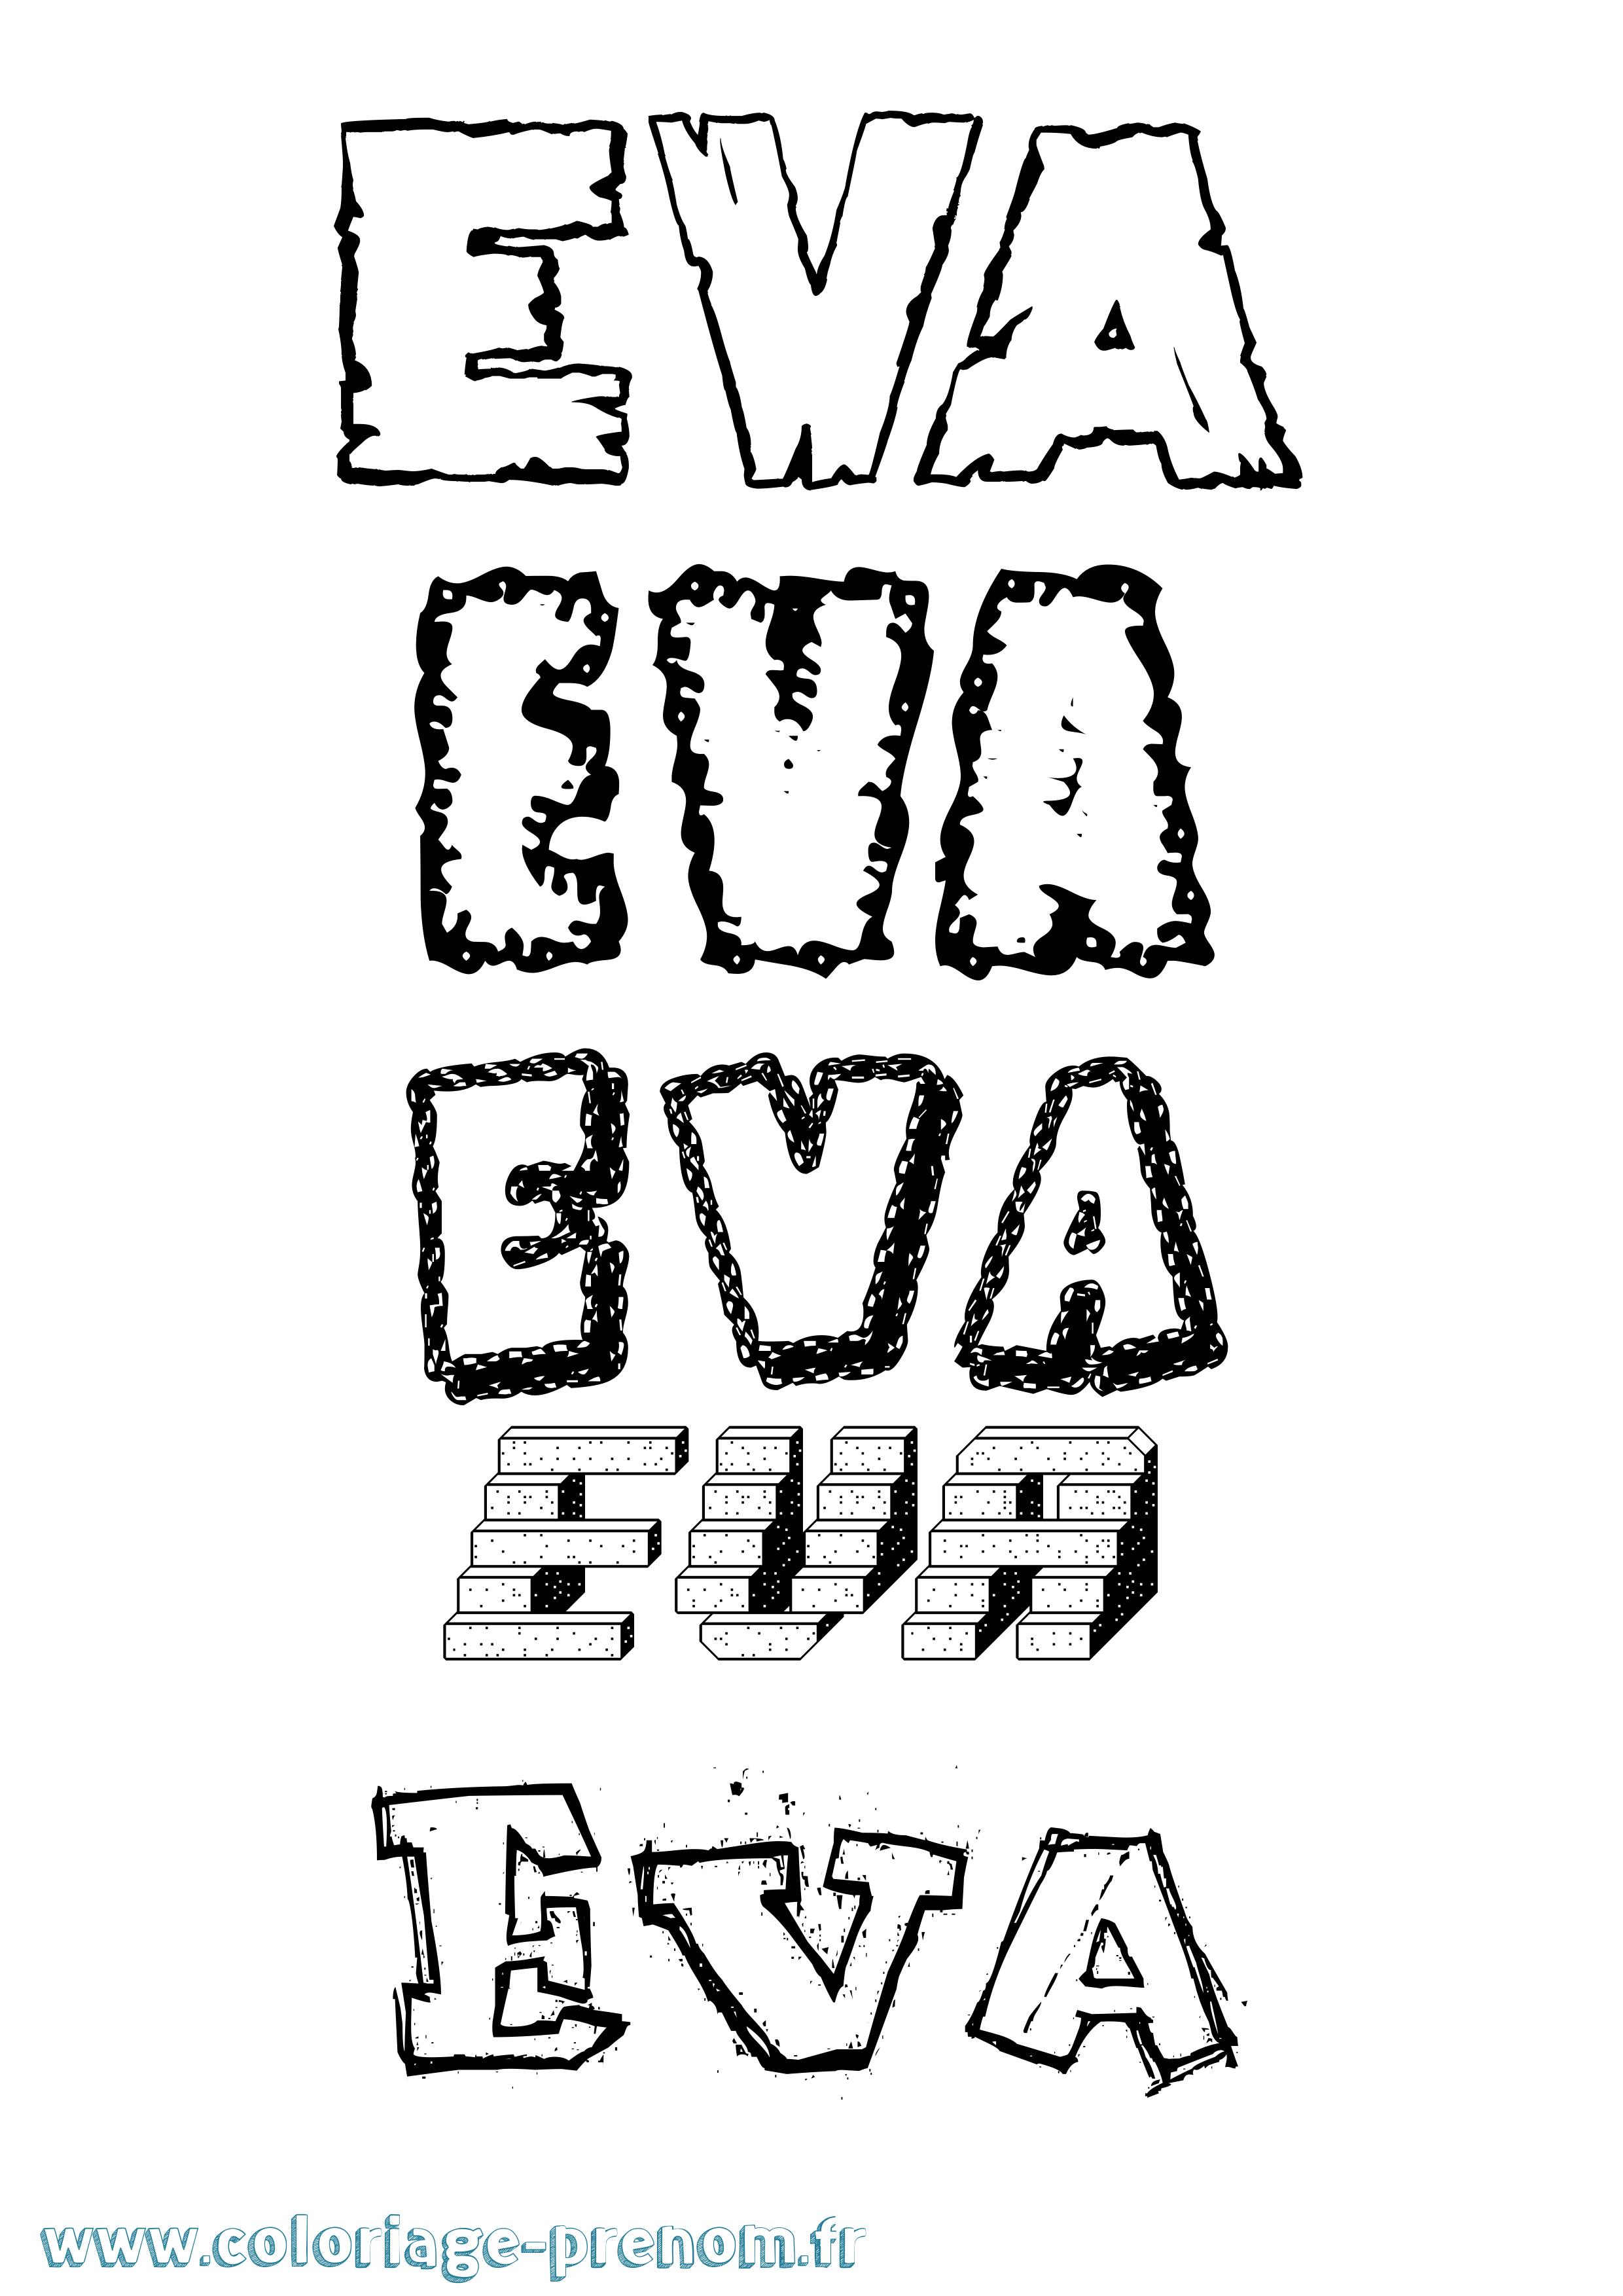 Coloriage Du Prénom Eva : À Imprimer Ou Télécharger Facilement destiné Coloriage Eva Queen A Imprimer